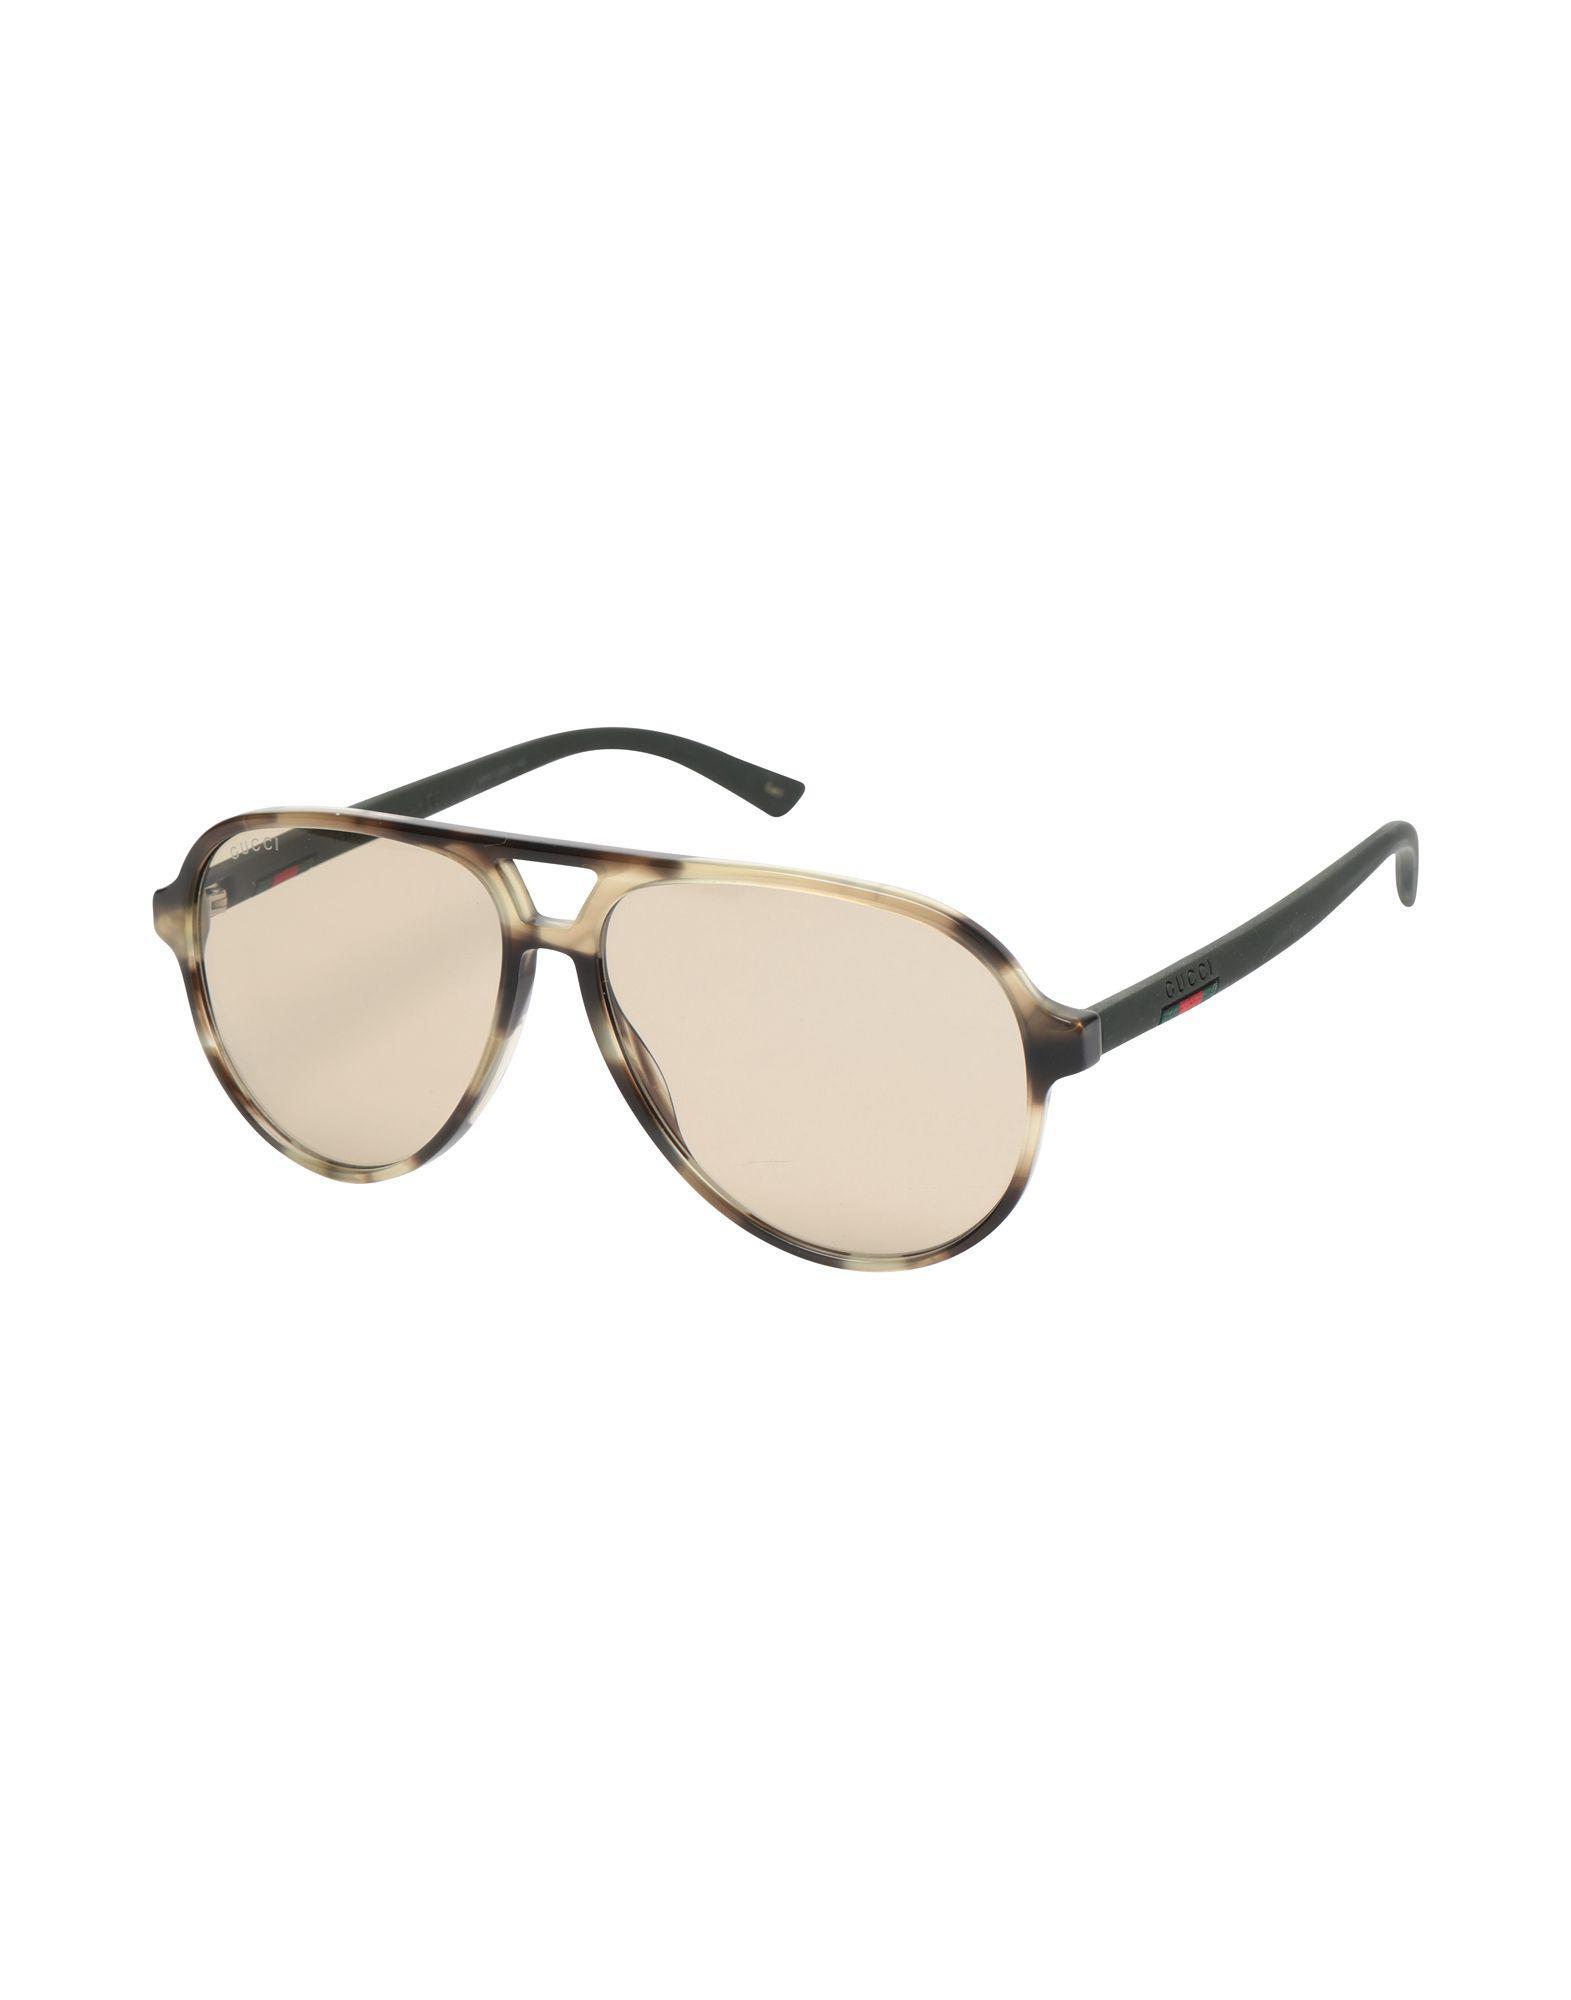 83dde98185 Gafas de sol Gucci de hombre de color Marrón - Lyst